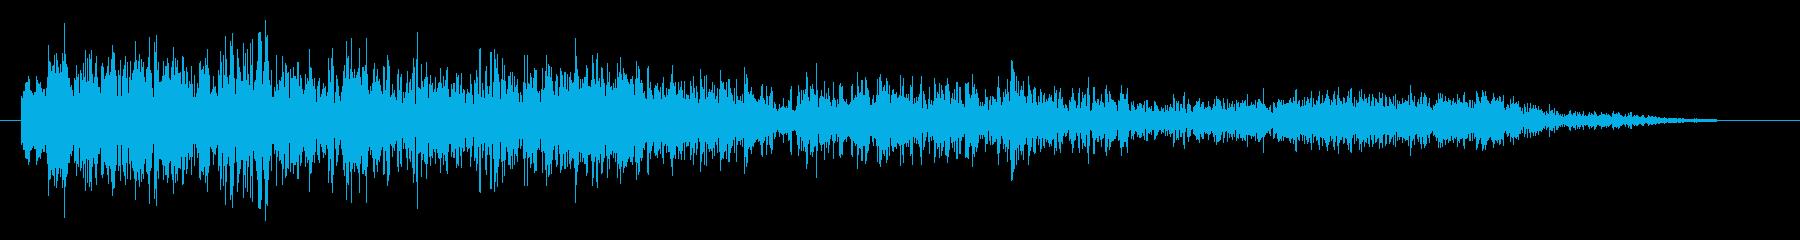 インパクトデジタルブレイクアップの再生済みの波形